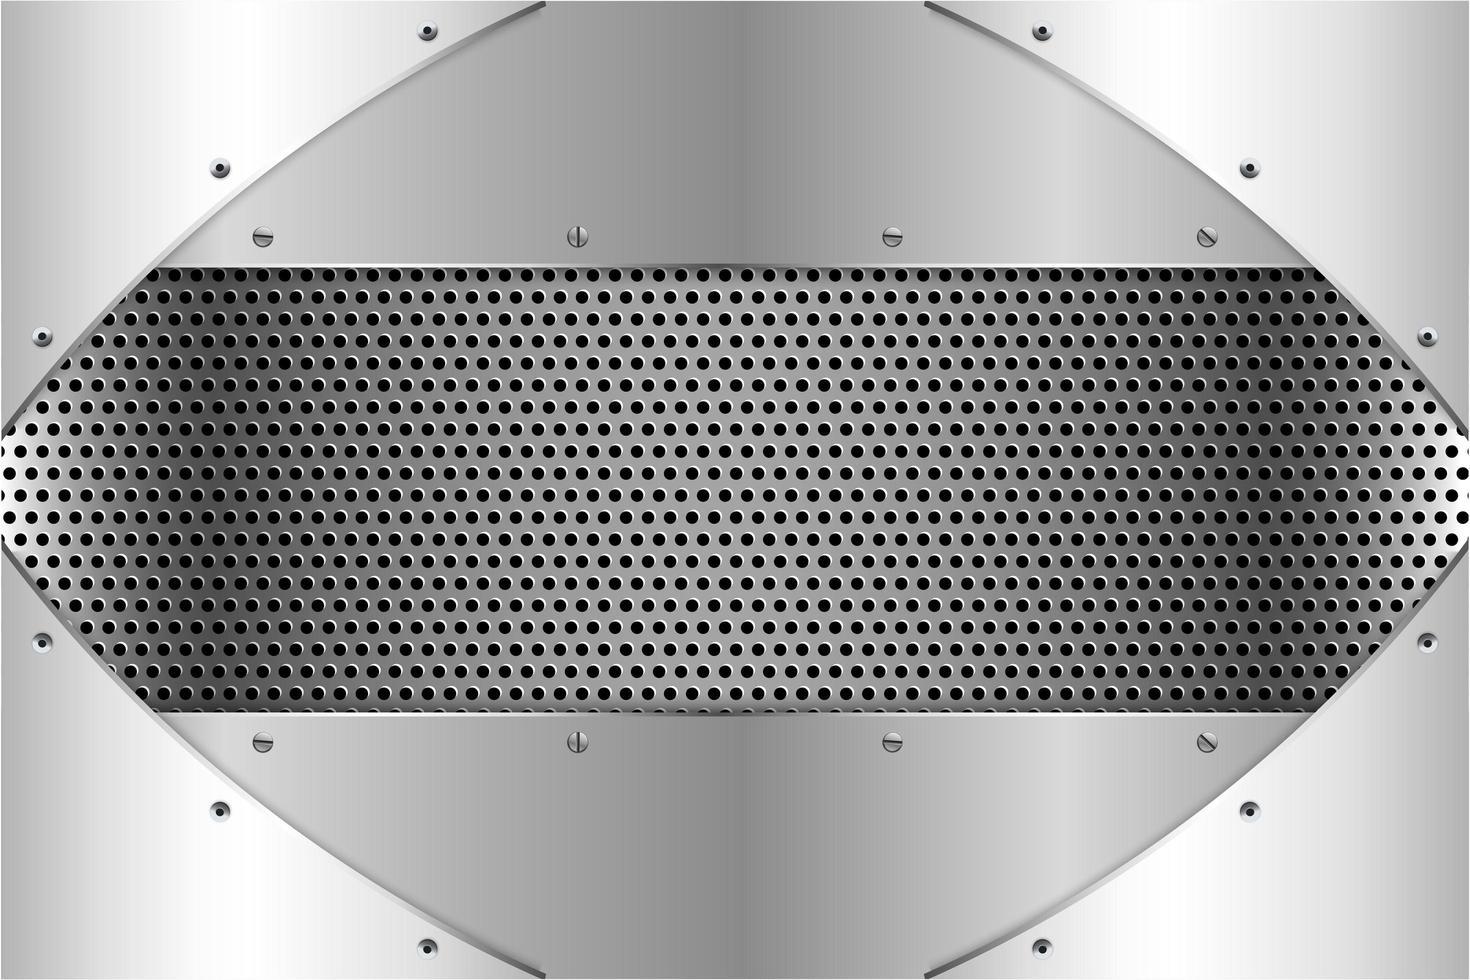 panneaux en argent métallique avec vis sur texture perforée vecteur